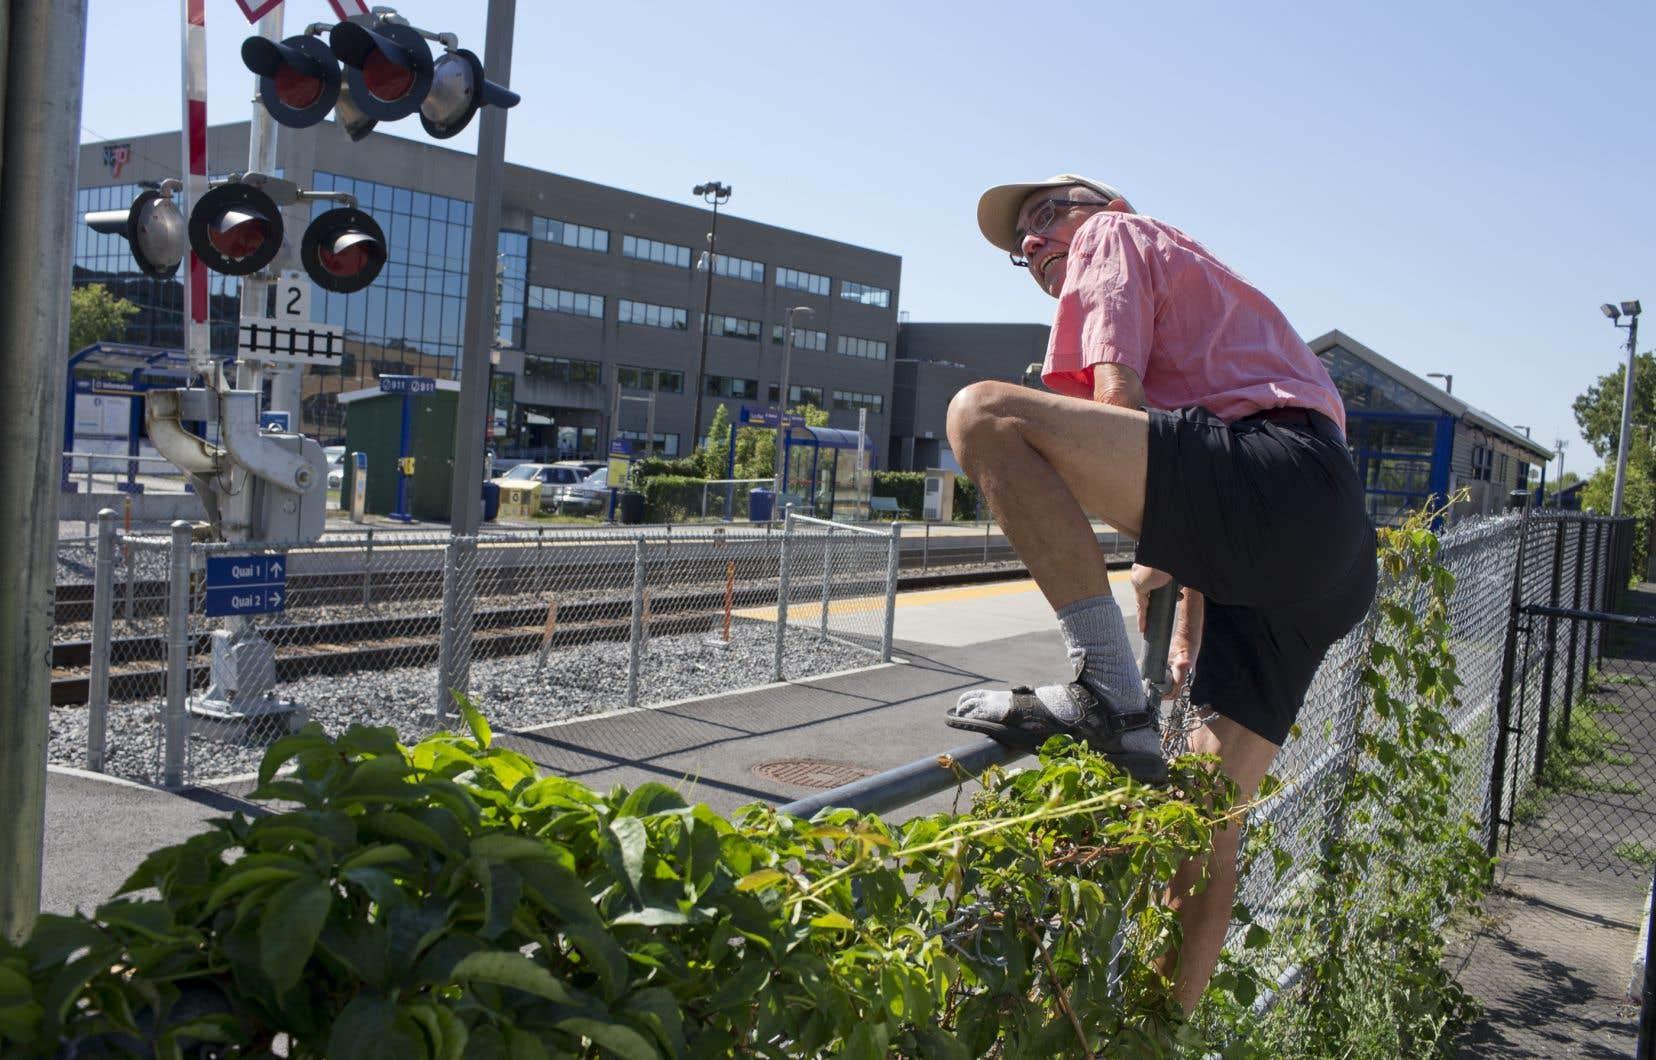 L'OTC a déterminé que Montréal sera responsable des coûts de construction et d'entretien, puisque c'est elle qui bénéficiera principalement de ces passages destinés aux piétons et aux cyclistes.